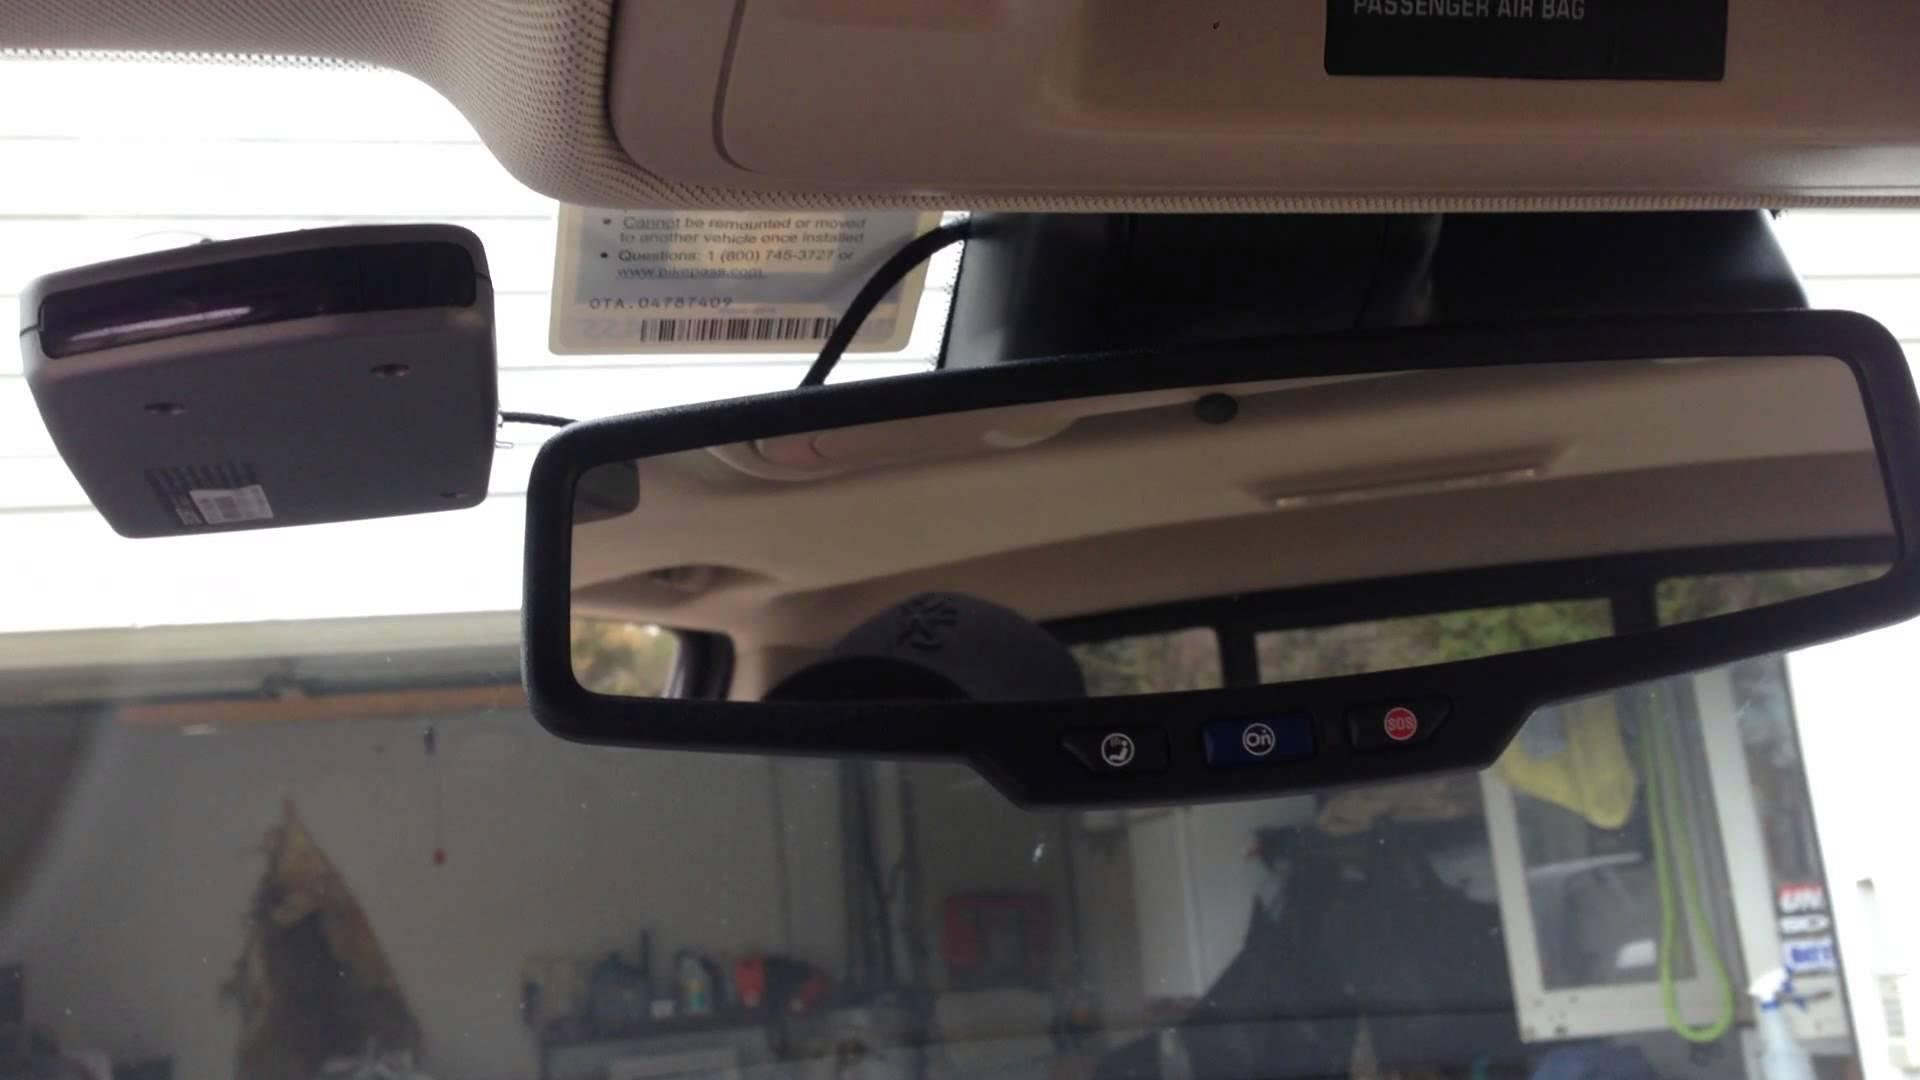 2008 Silverado Rear View Mirror Wiring Diagram | Wiring Library - Silverado Rear View Mirror Wiring Diagram